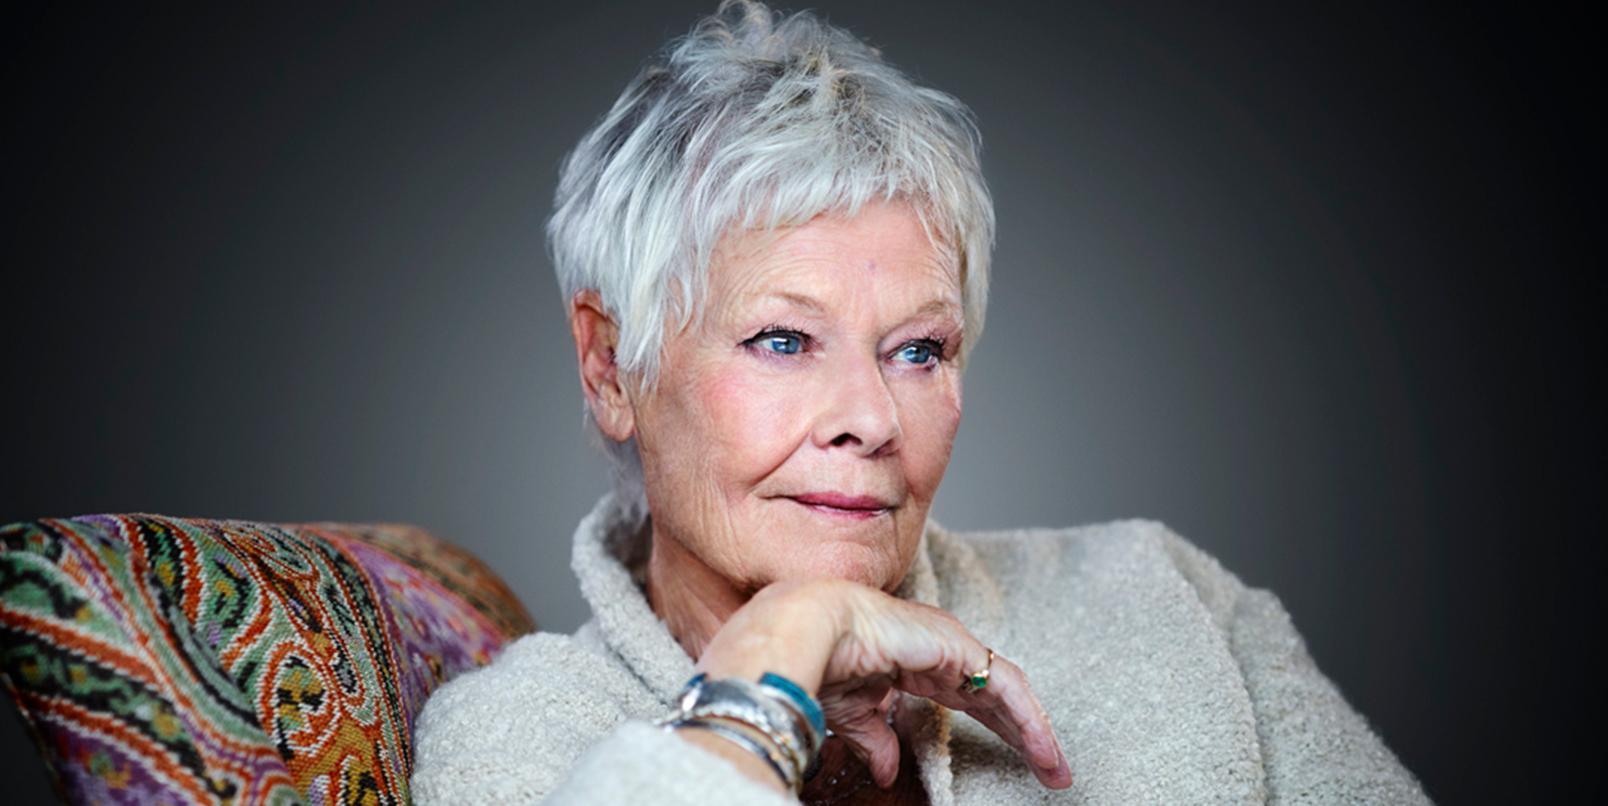 Dame Judi Dench, cea mai în vârstă femeie de pe coperta Vogue